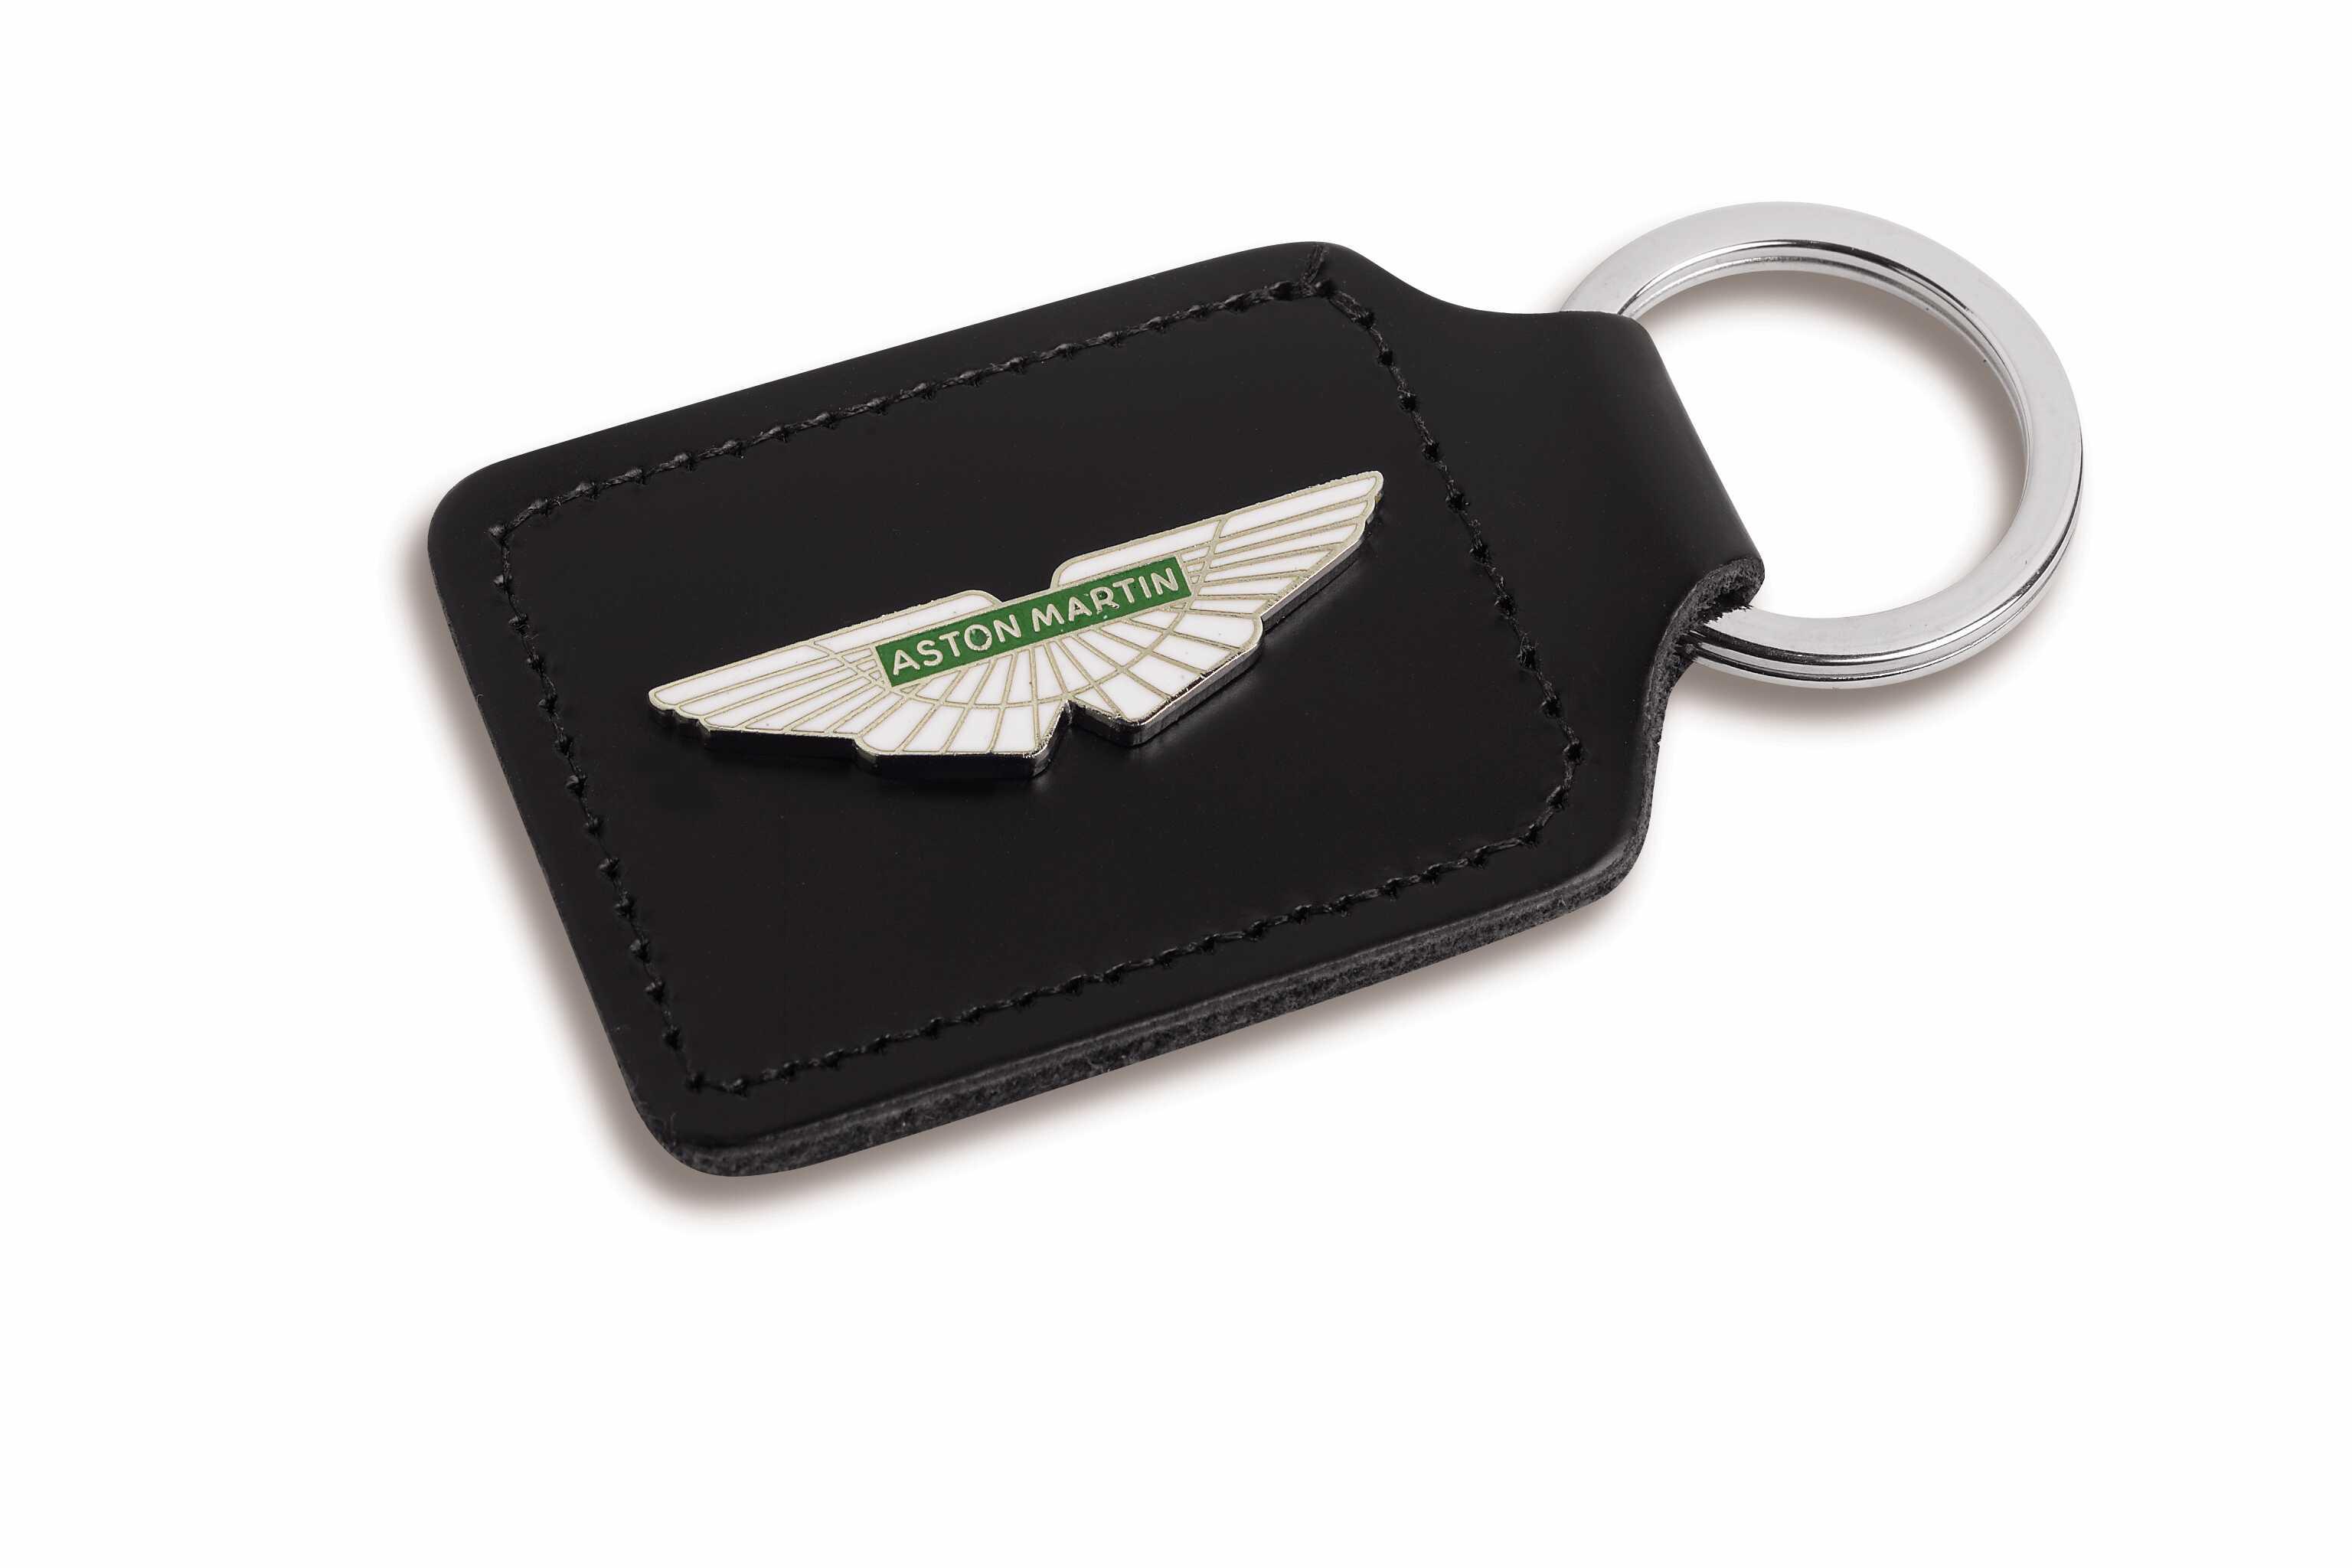 Aston Martin Logo Leather Key Fob More Than Polish